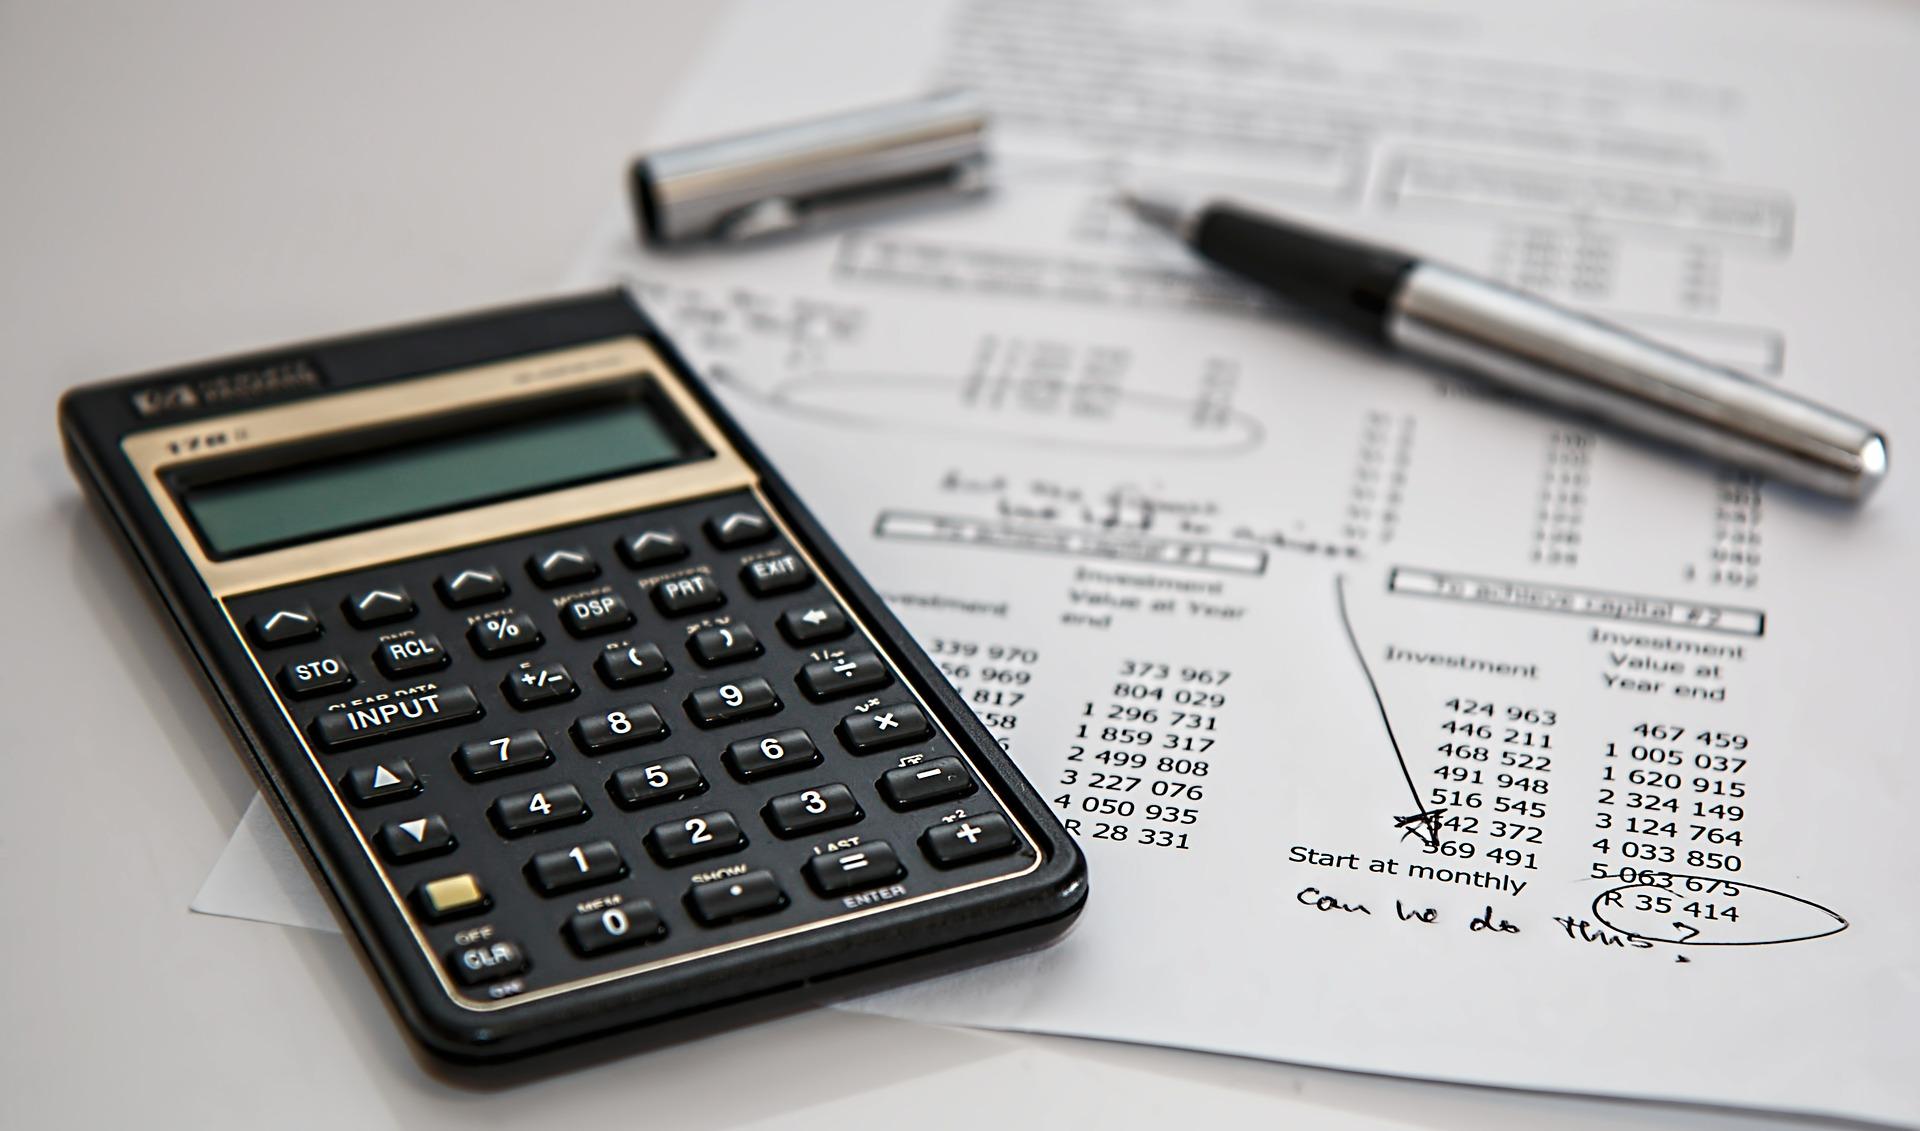 viva seguro sempre | Quais os Benefícios de um Seguro Prestamista?